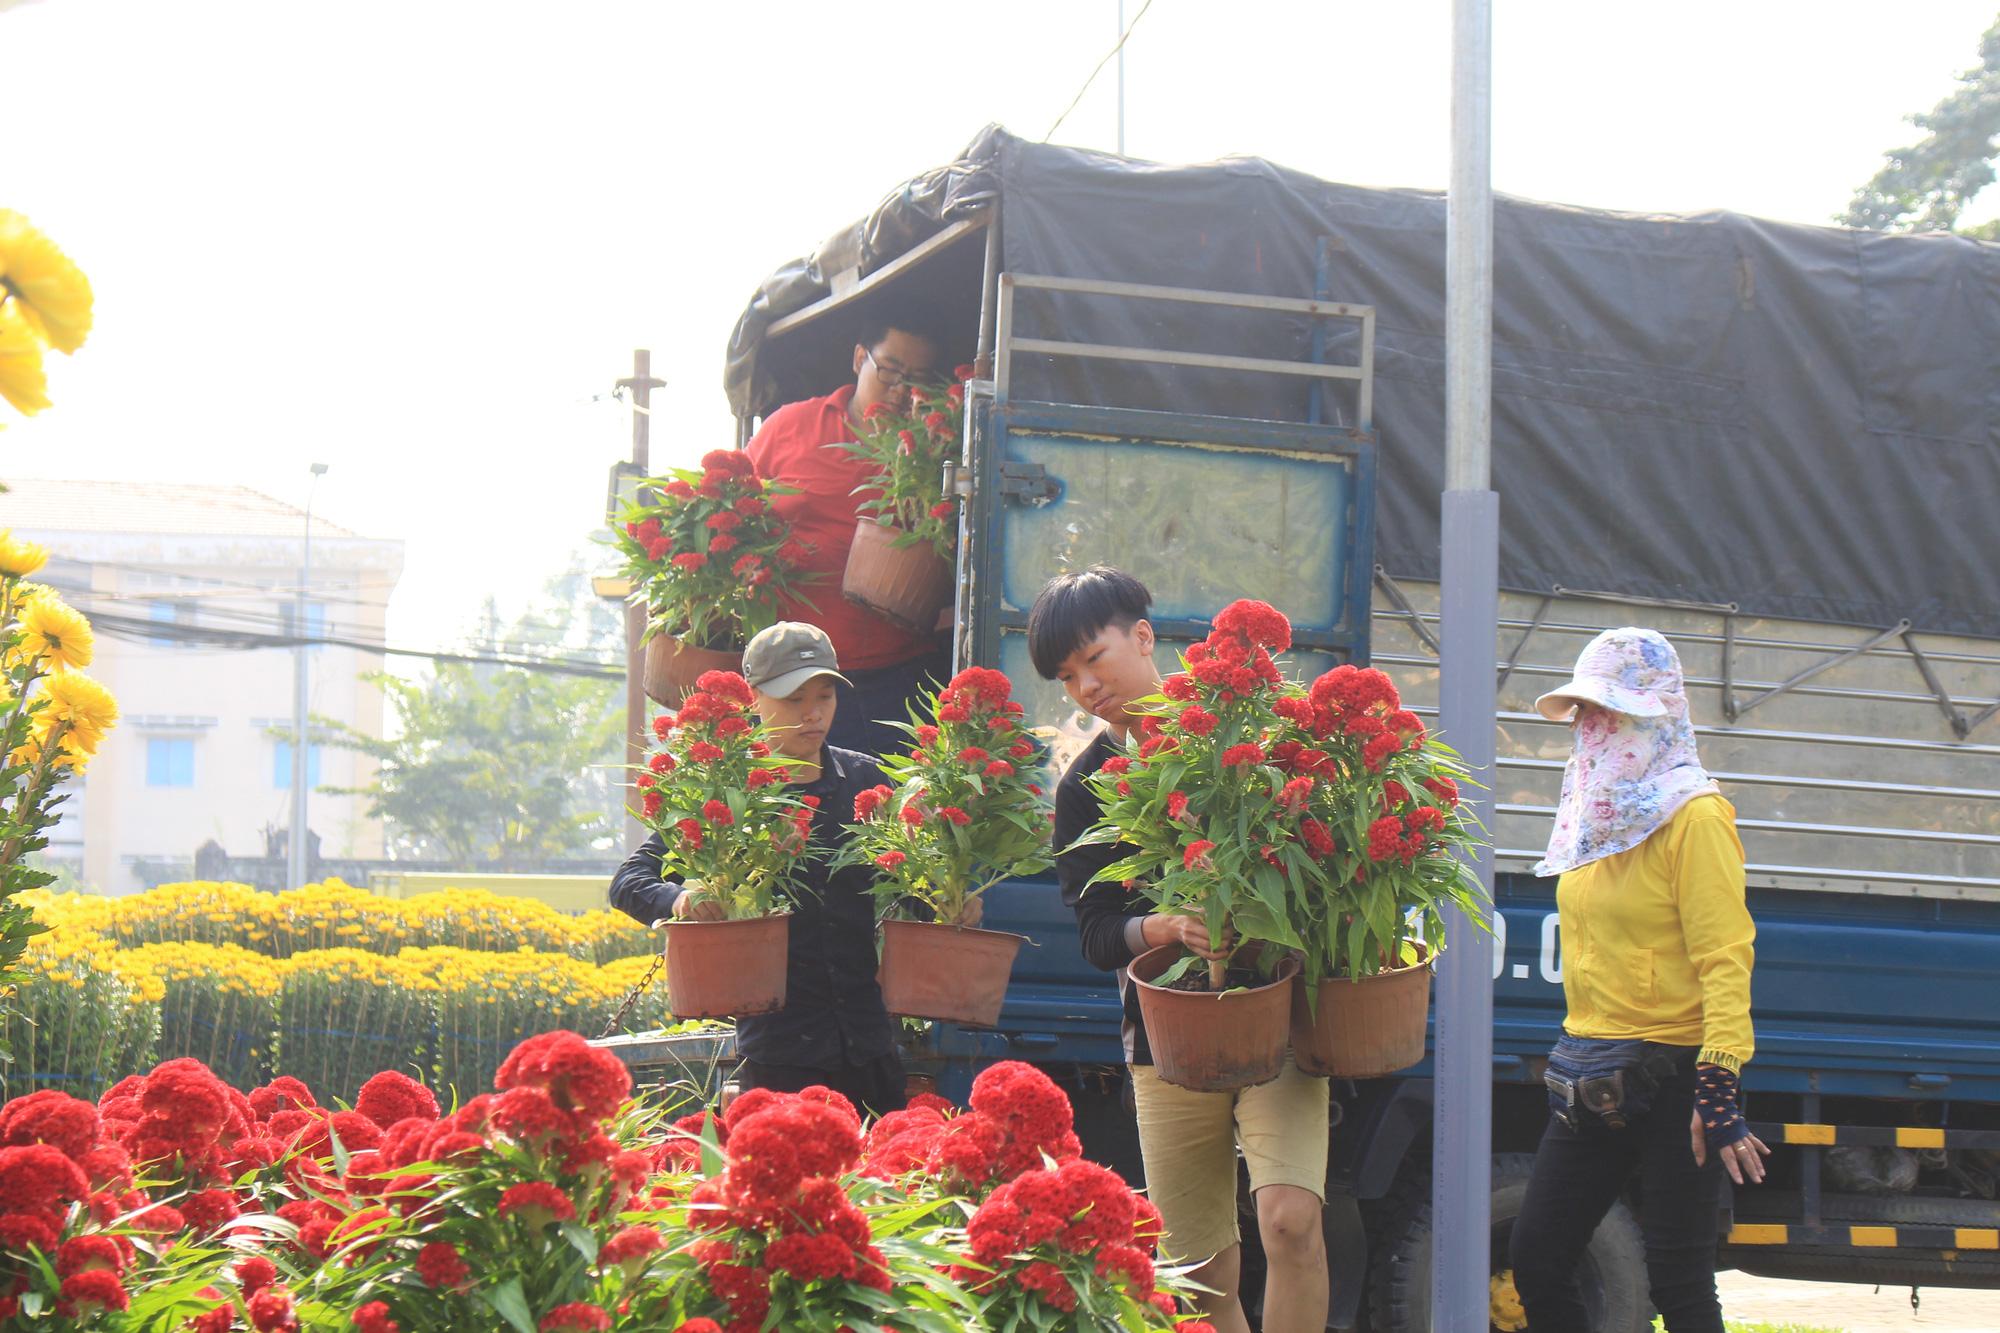 Mai Sài Gòn ồ ạt ra chợ, đi máy bay ra Hà Nội, sang Campuchia với giá hàng chục triệu đồng - Ảnh 13.